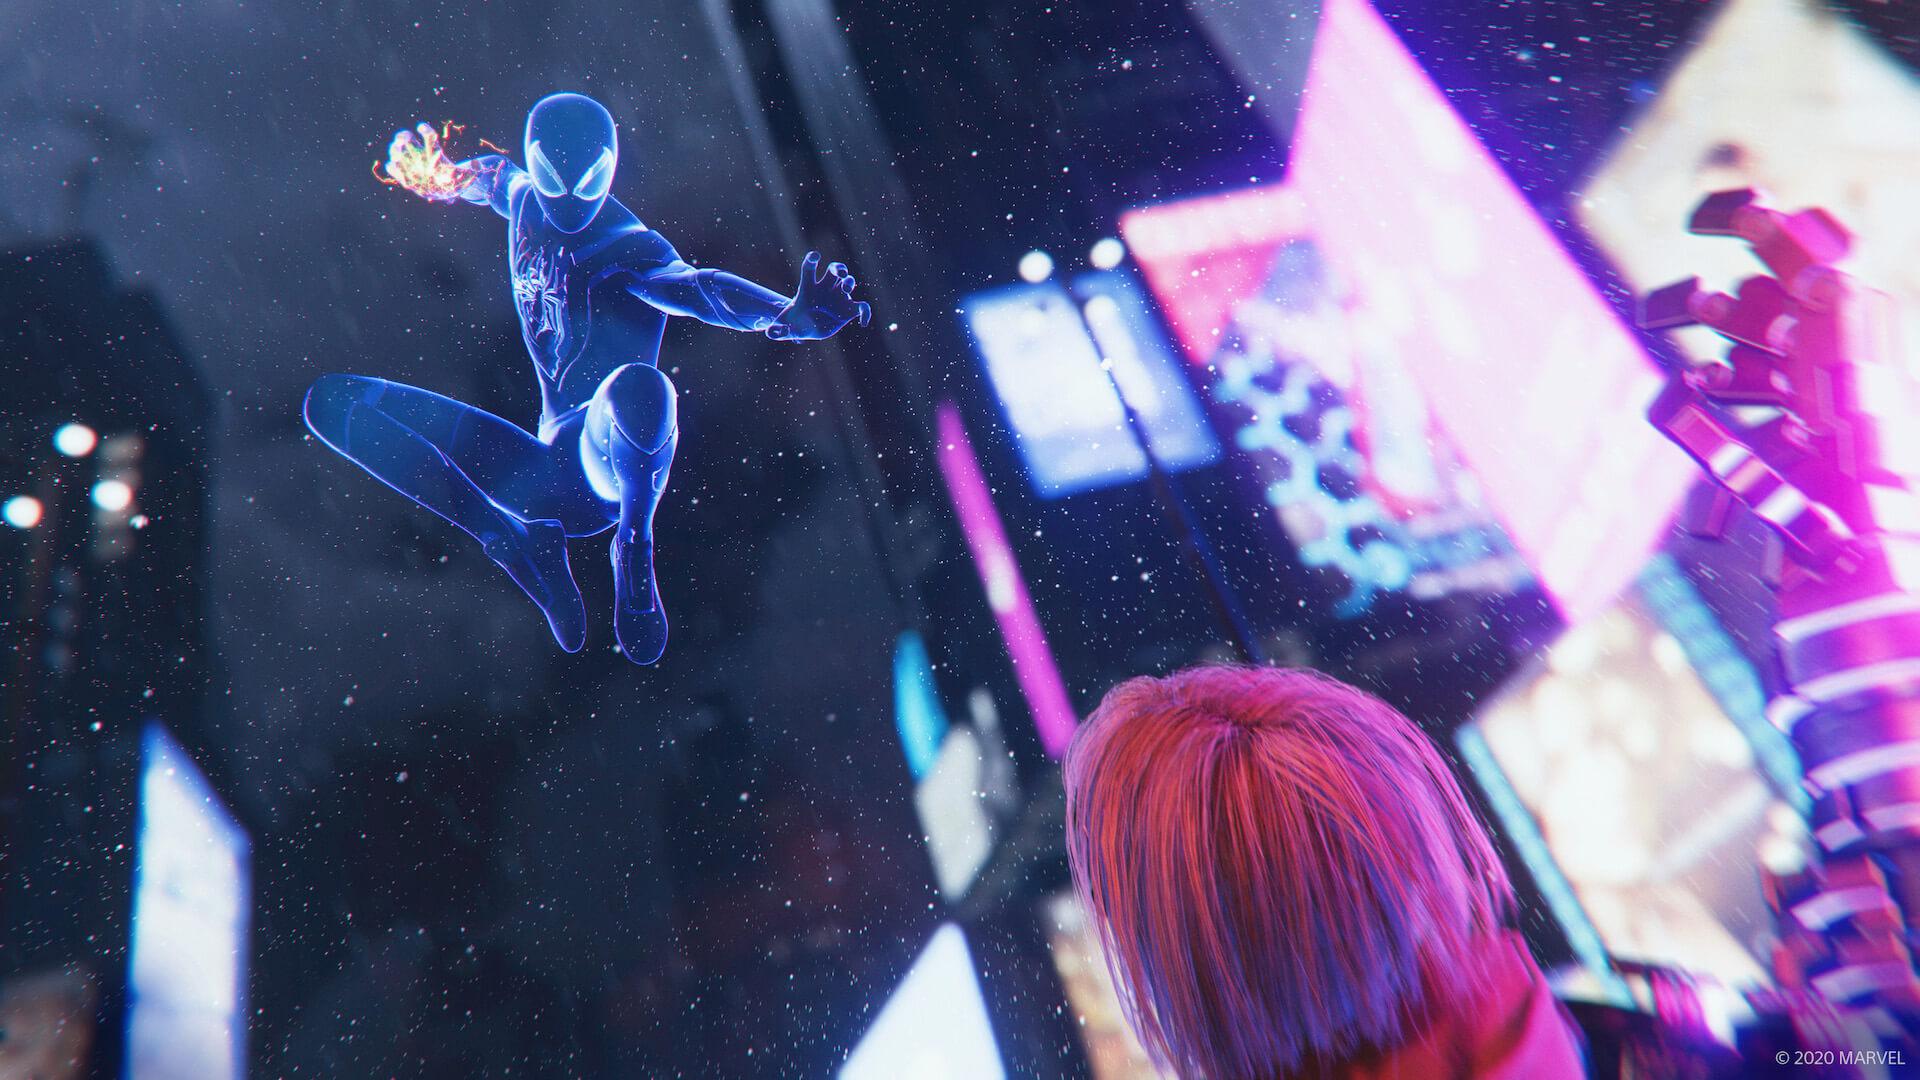 『スパイダーマン』のマイルズ・モラレスとなってNYの街を守り抜け!『Marvel's Spider-Man: Miles Morales』が来週ついに発売 tech201106_spiderman_ps5_1-1